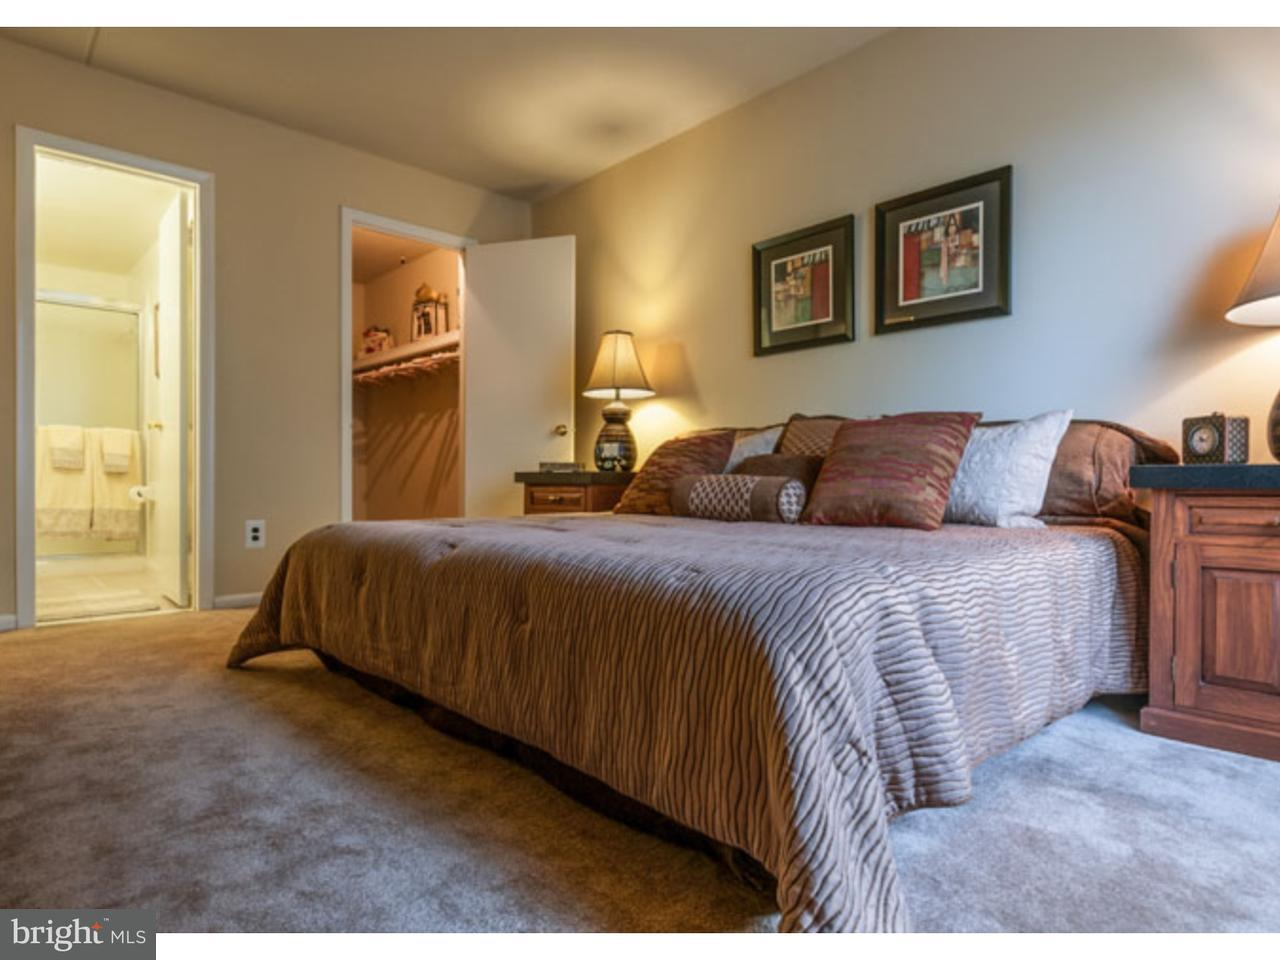 独户住宅 为 出租 在 100 BARCLAY CT #373 Langhorne, 宾夕法尼亚州 19047 美国